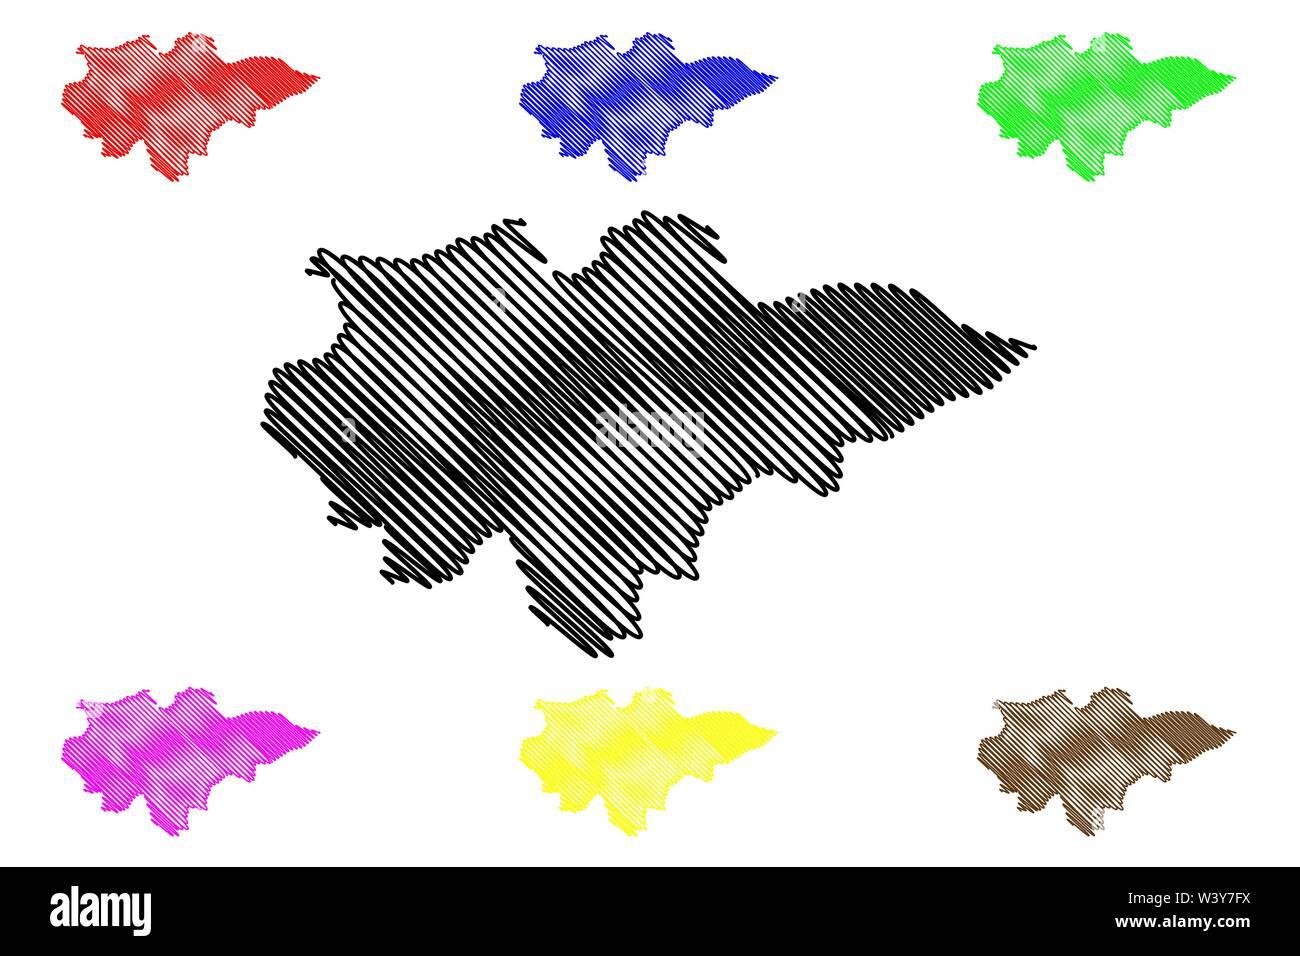 Región de Mopti (regiones de Malí, República de Malí) mapa ilustración vectorial, scribble sketch Mopti mapa Ilustración del Vector